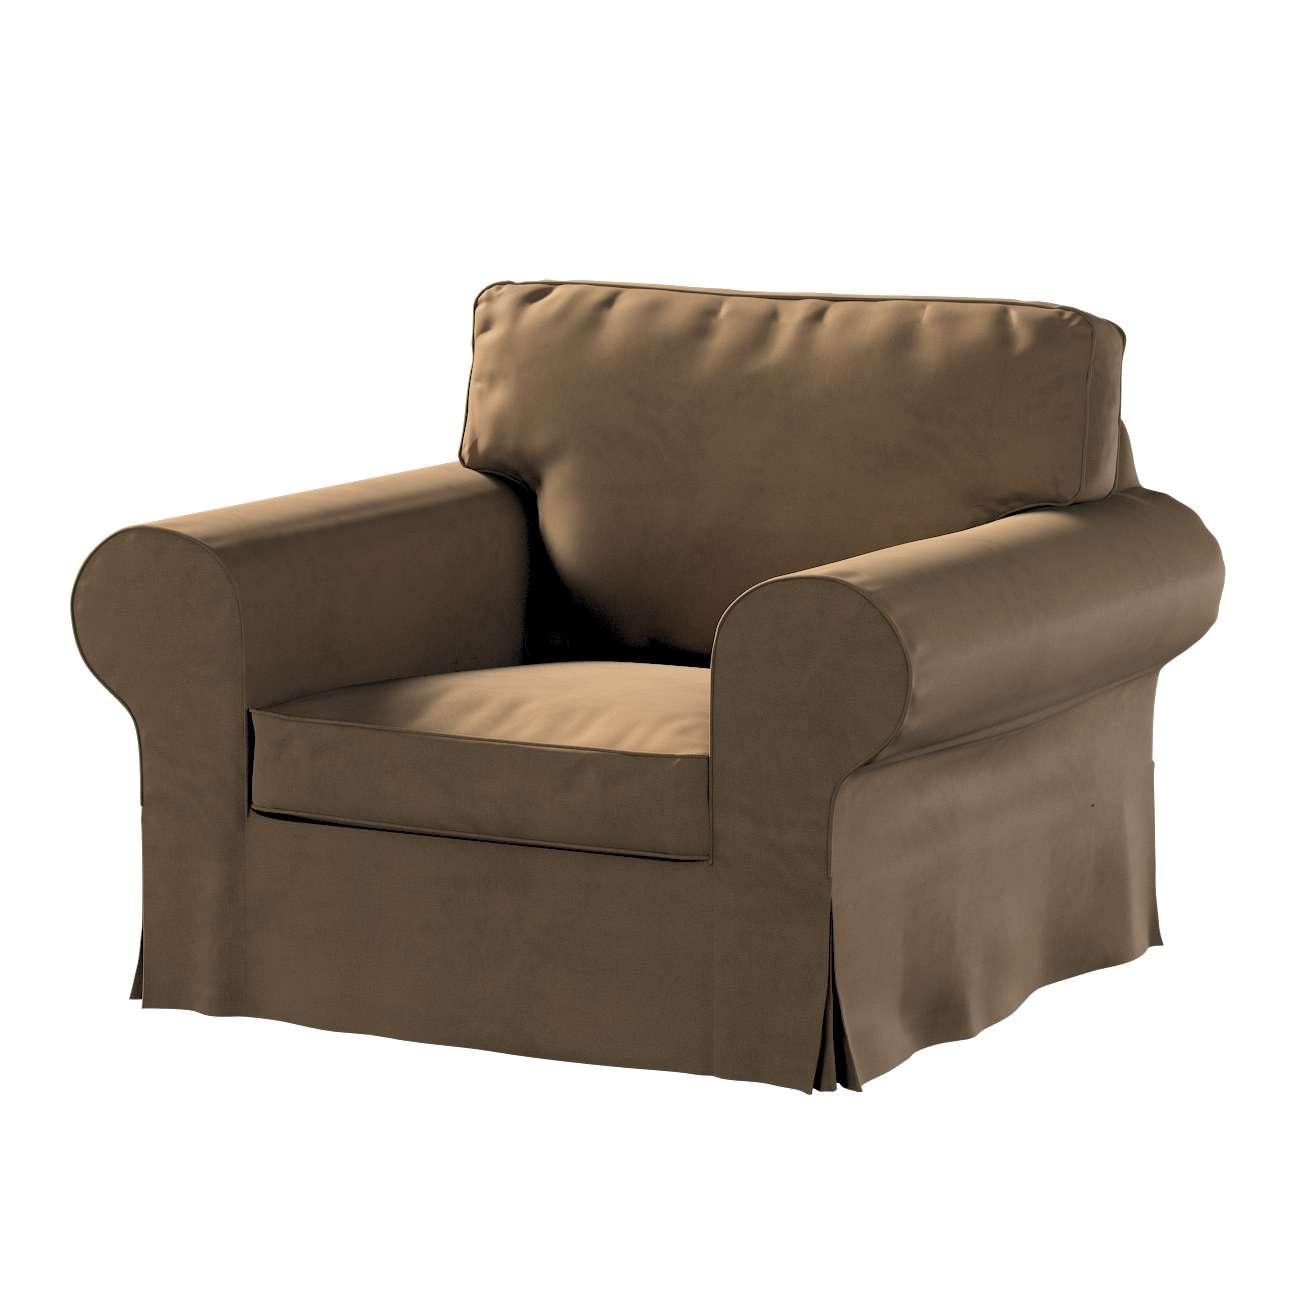 Pokrowiec na fotel Ektorp w kolekcji Living, tkanina: 160-94